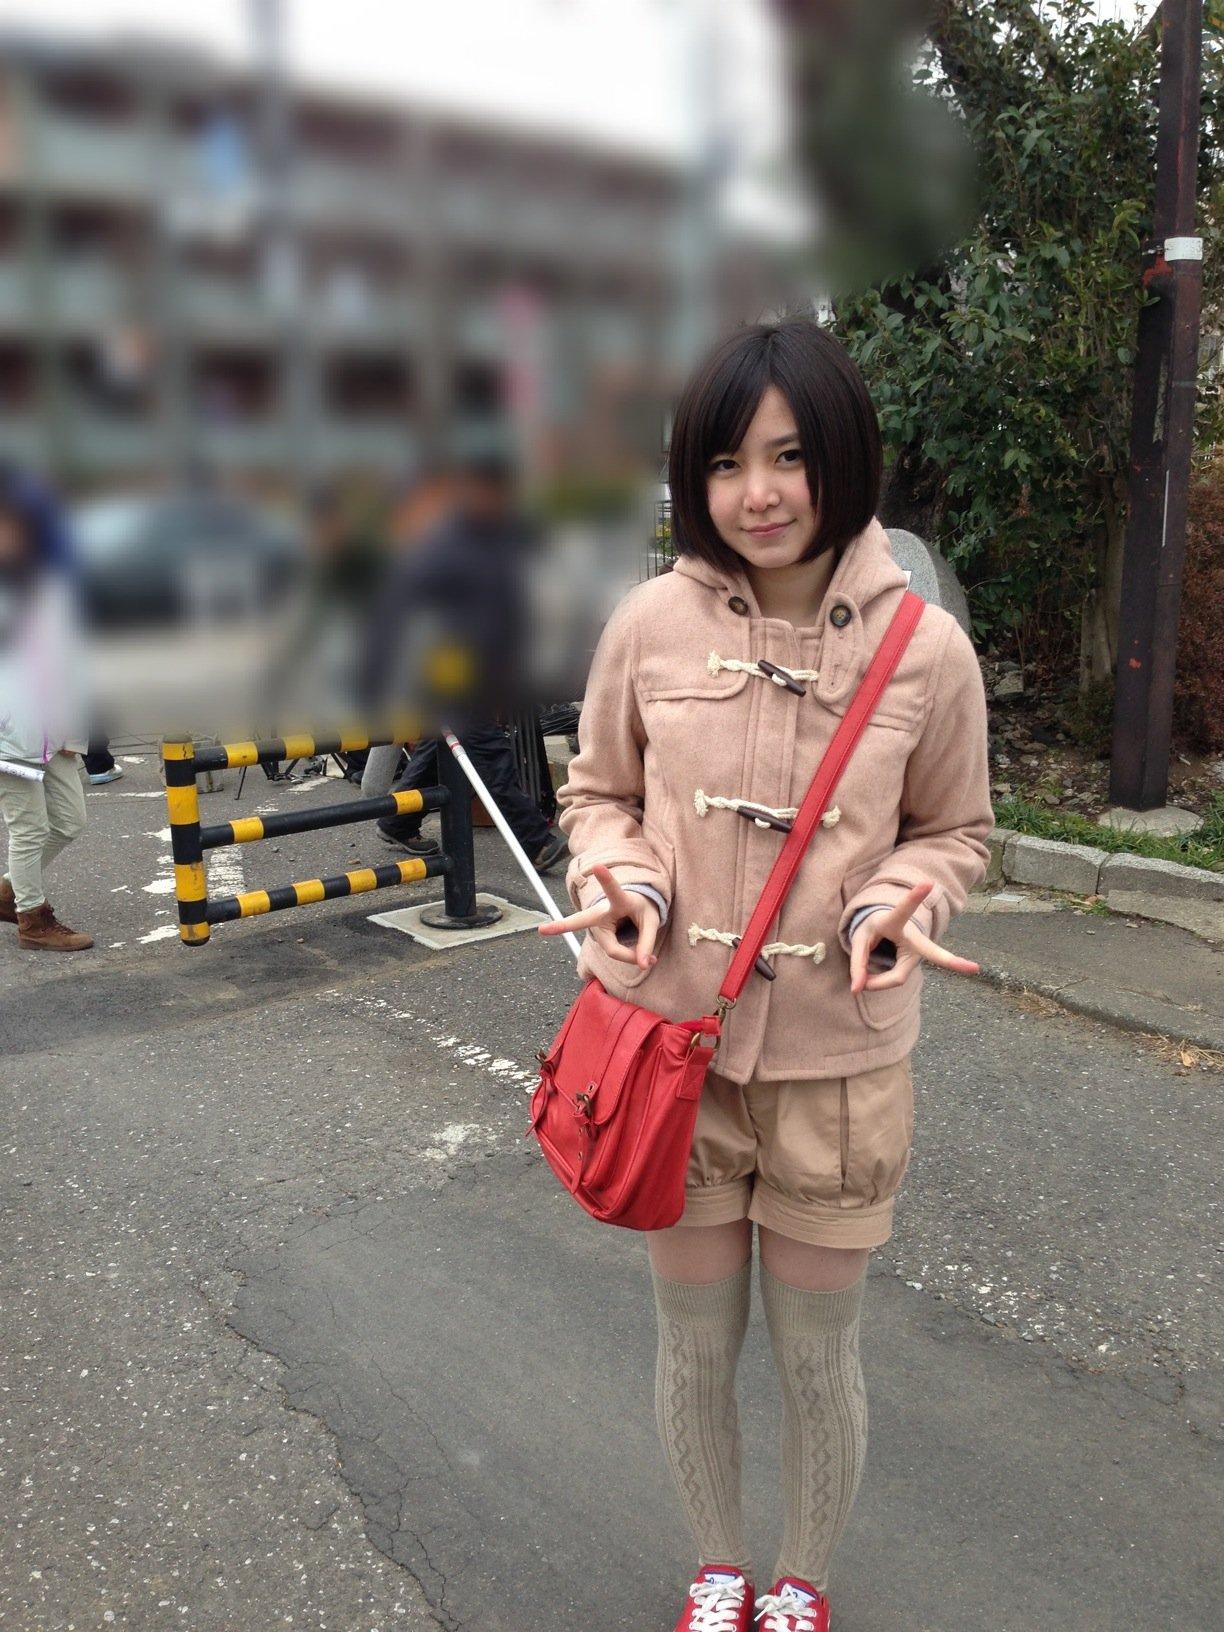 38歳のAKBファン 握手会で岩田華怜(15歳)に結婚を申し込み、断られAKB運営会社を提訴 e0507e8e 芸能ニュース